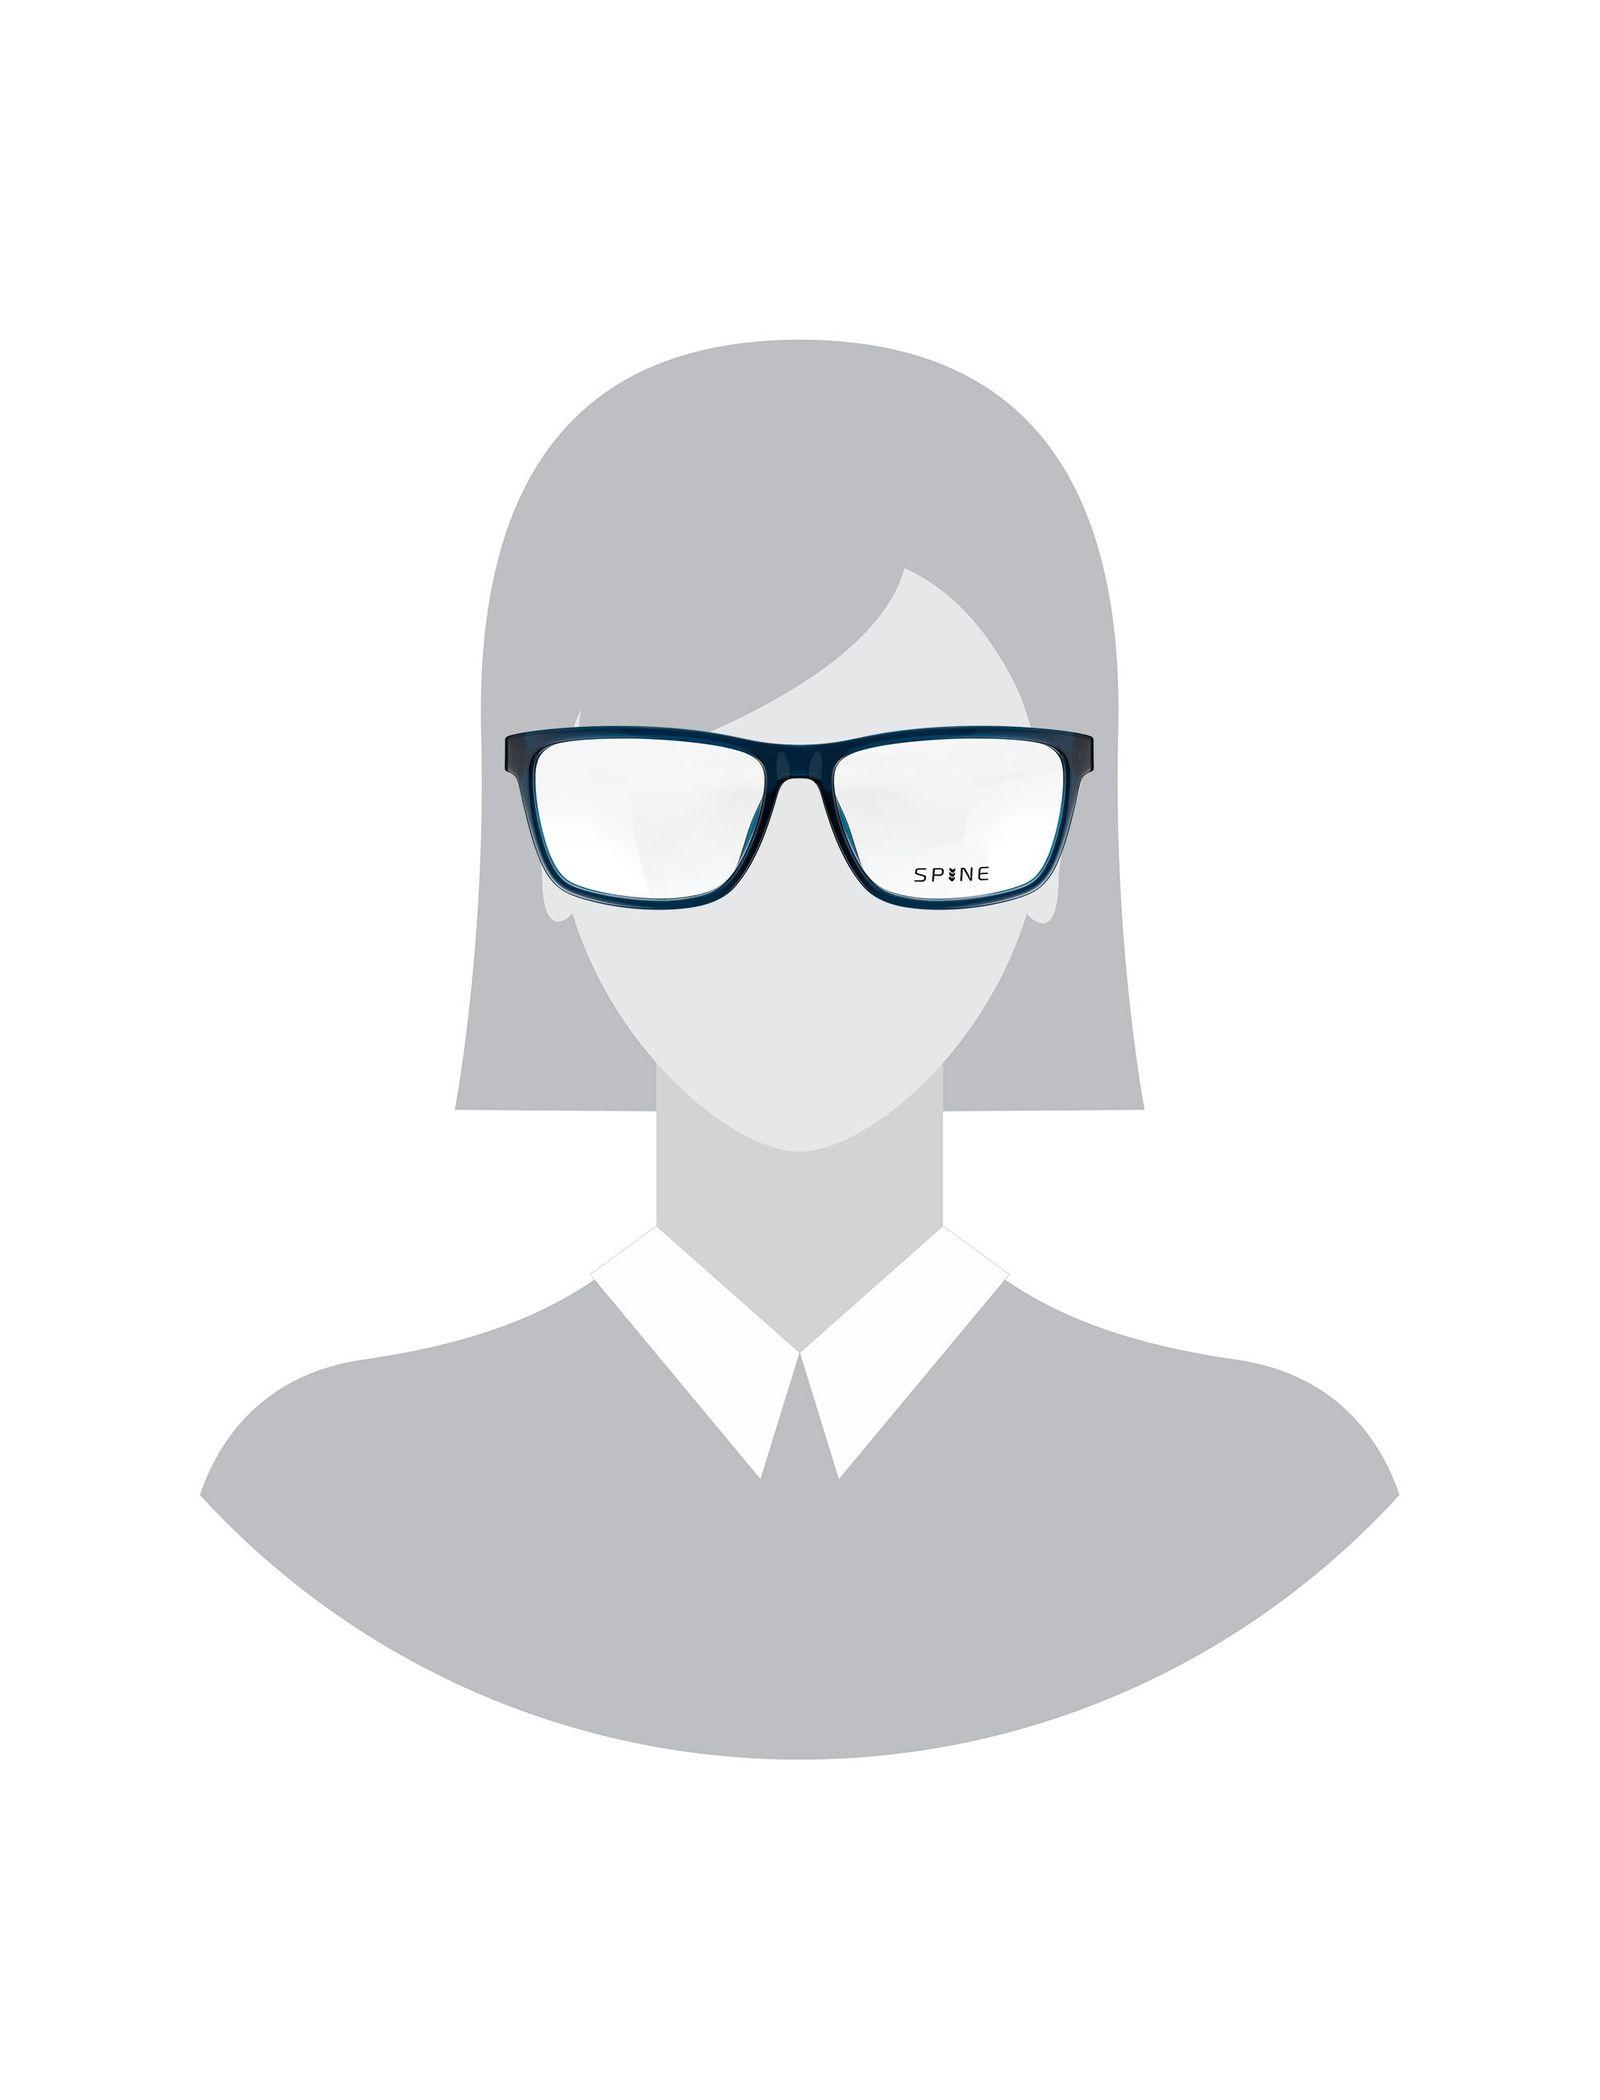 عینک طبی ویفرر زنانه - اسپاین - سرمه اي - 5